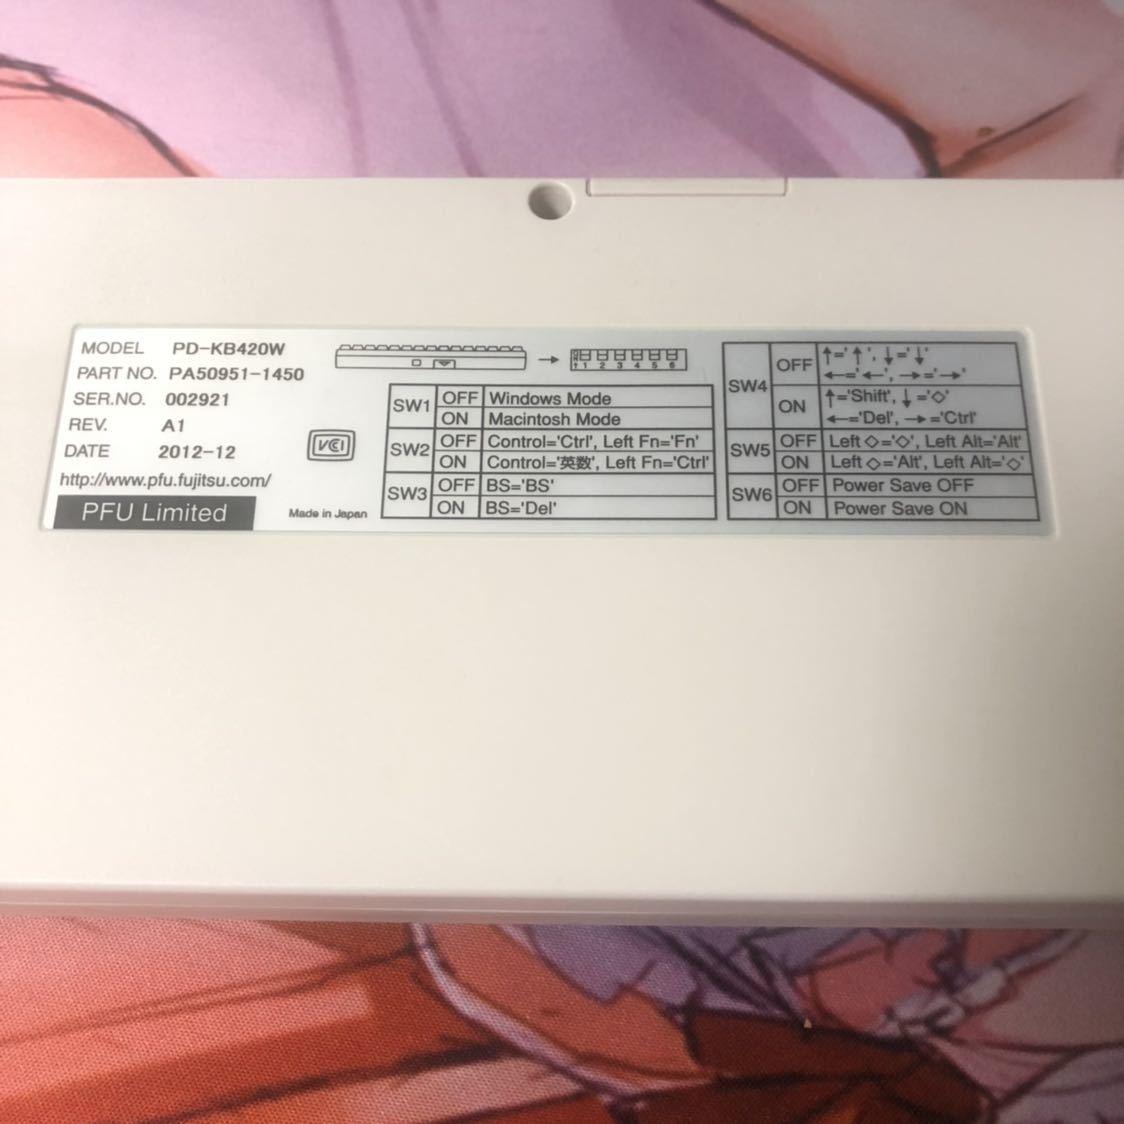 HHKB professional JP カラーキー付き メカニカルキーボード topre 美品_画像4